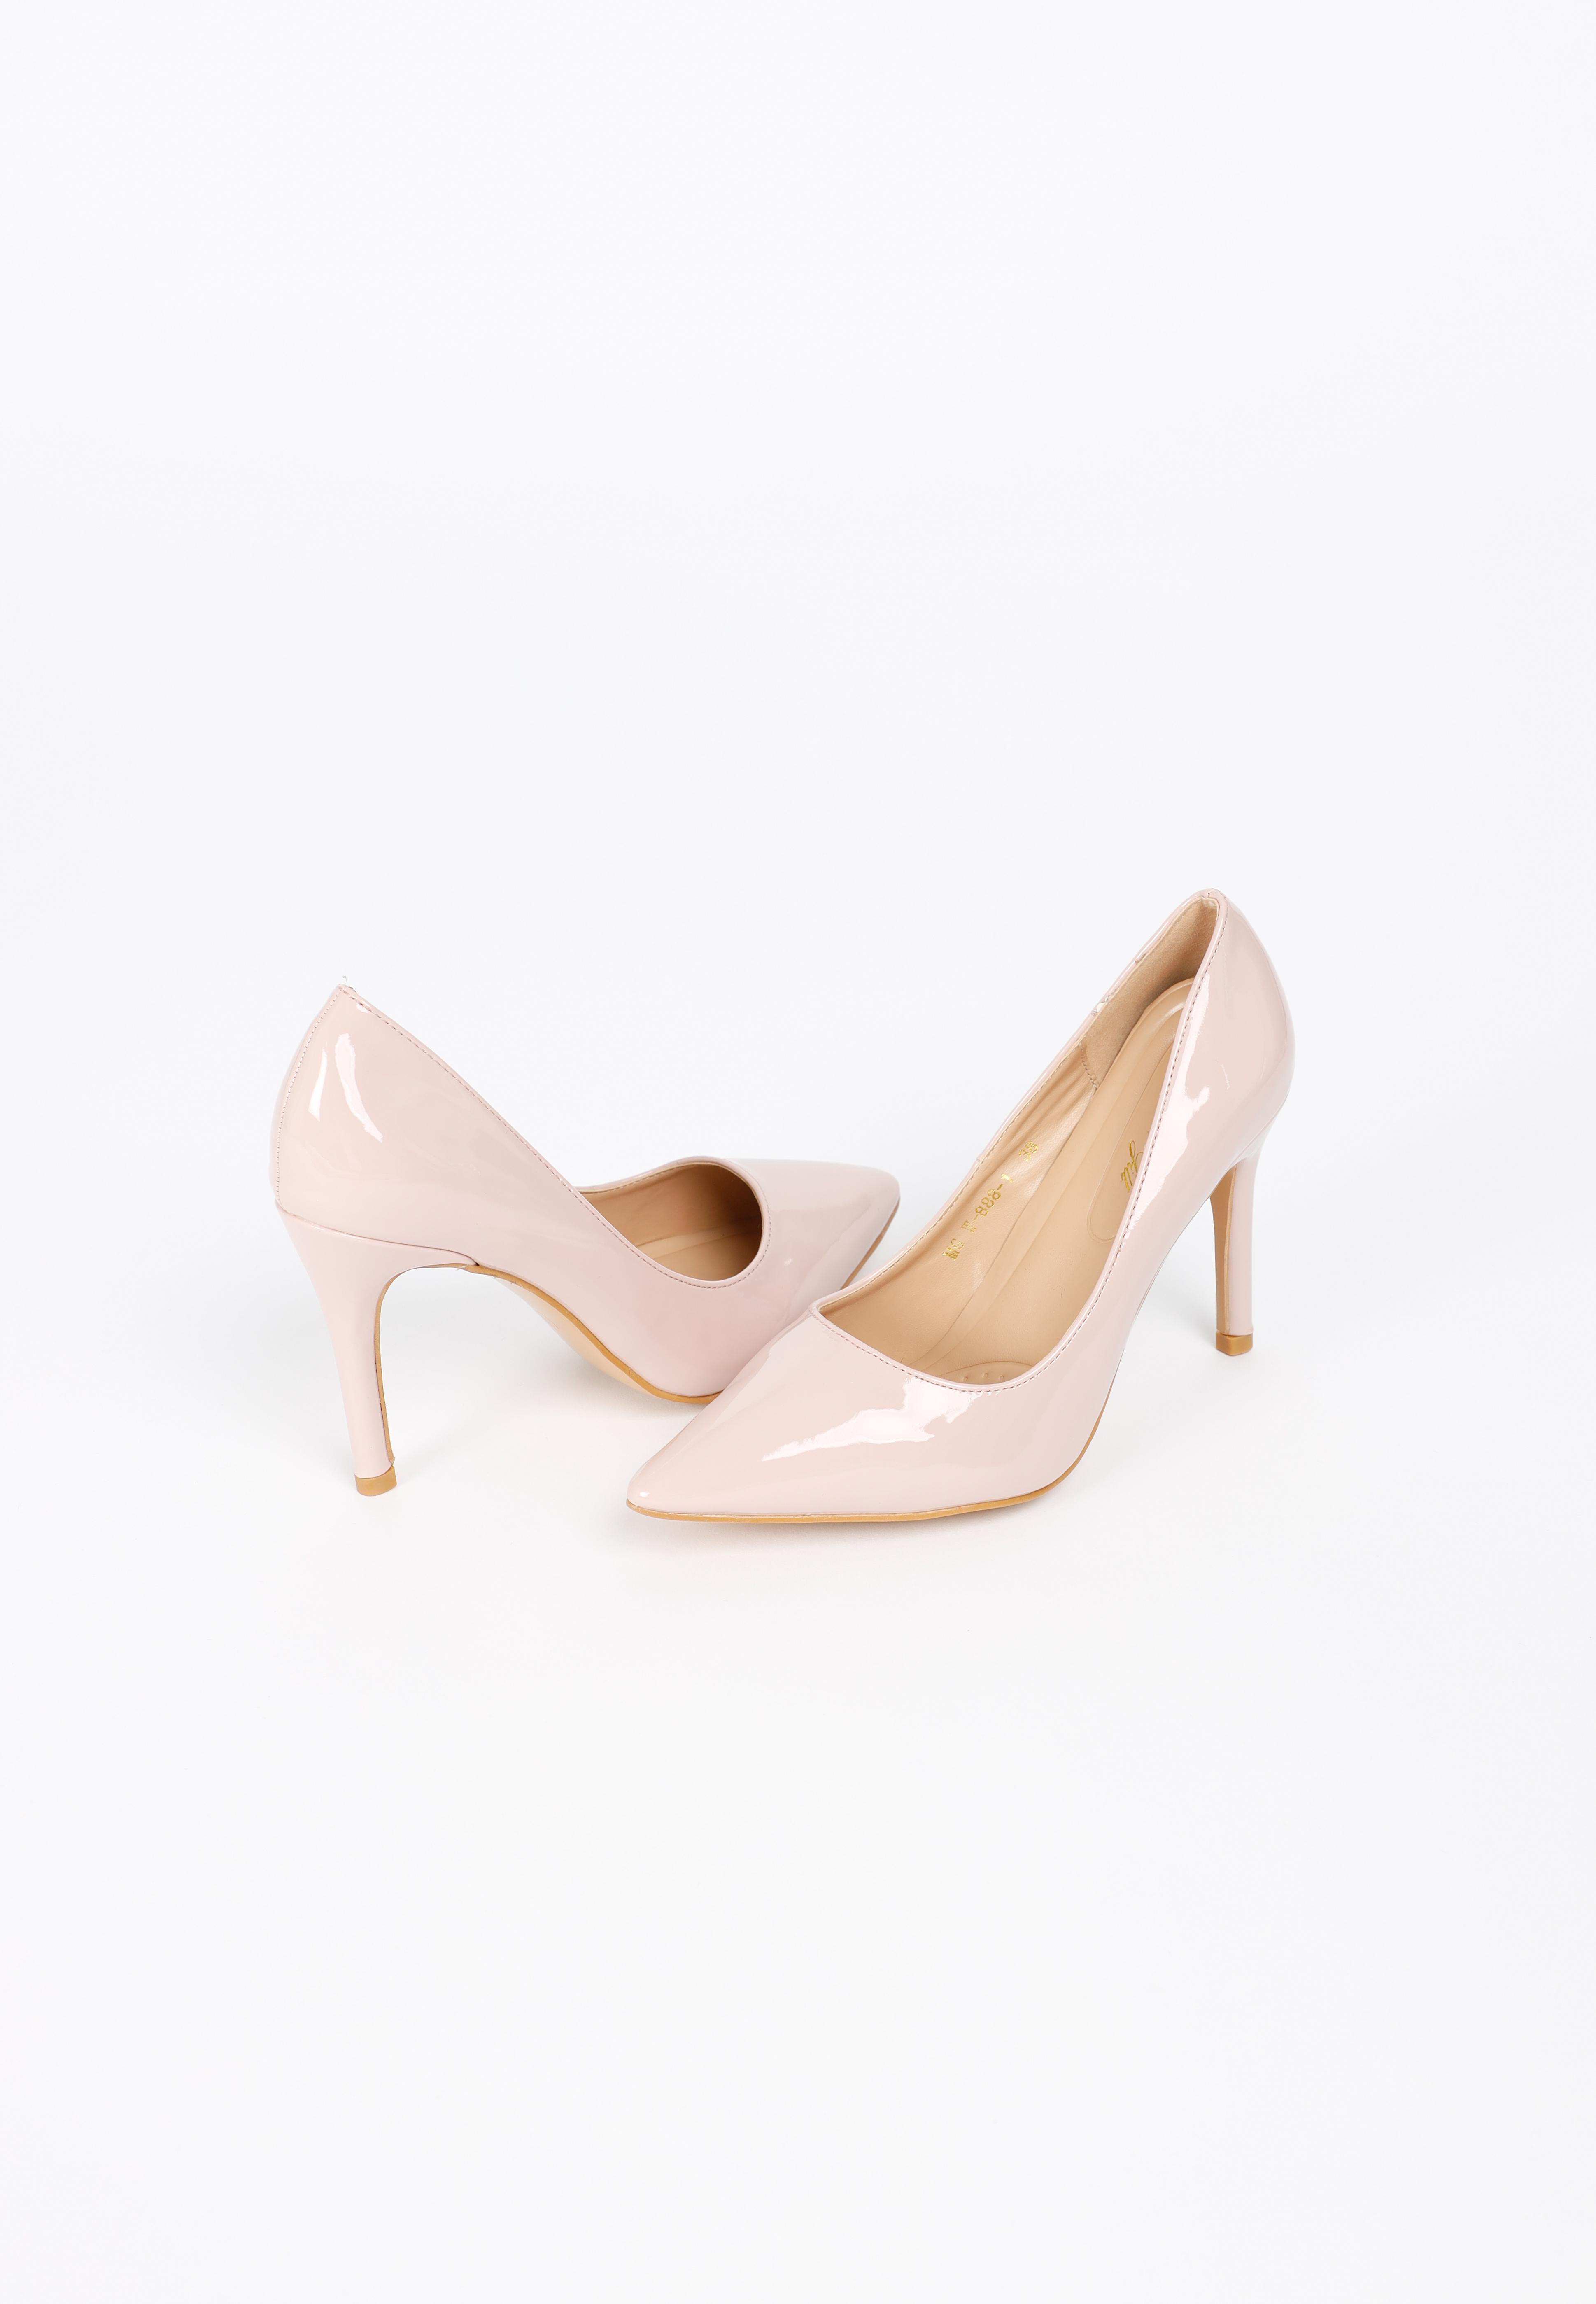 รองเท้าส้นสูง ดีไซน์หัวแหลม KATE Pink Patent High Heels MAC & GILL